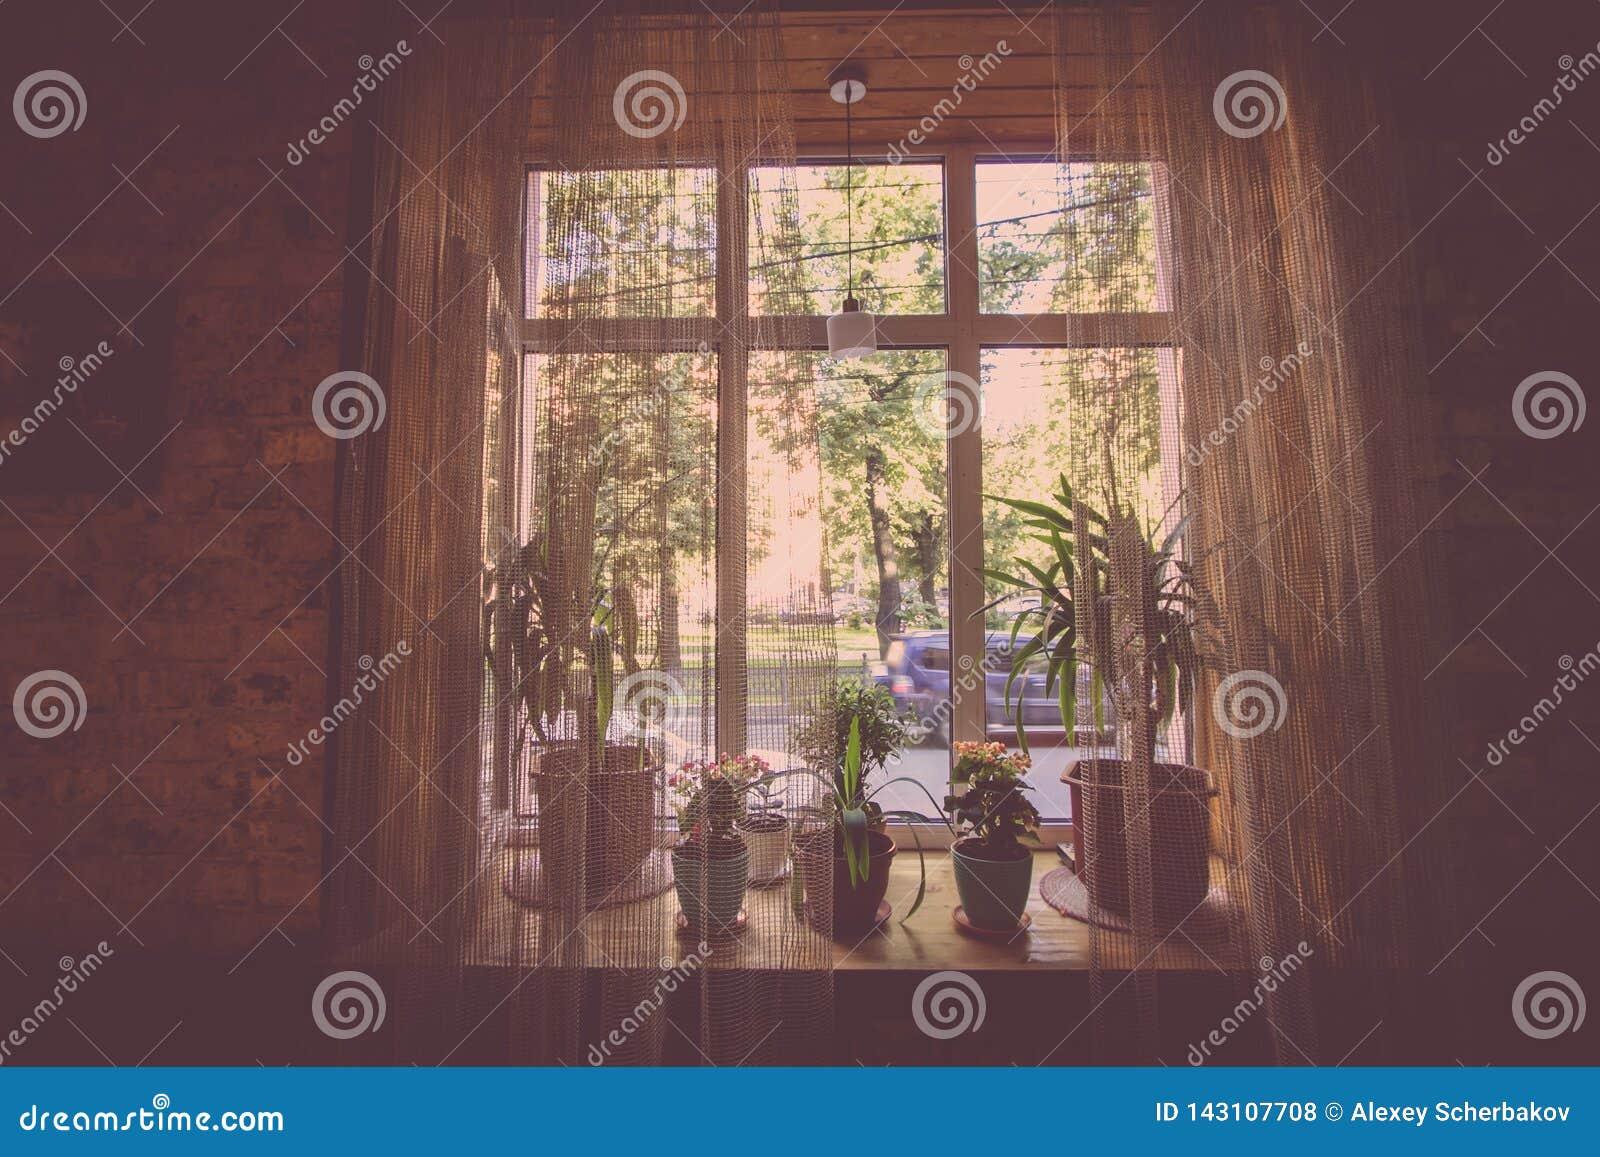 Uma janela com as cortinas de um dos cafés da cidade ao estilo de uma inscrição